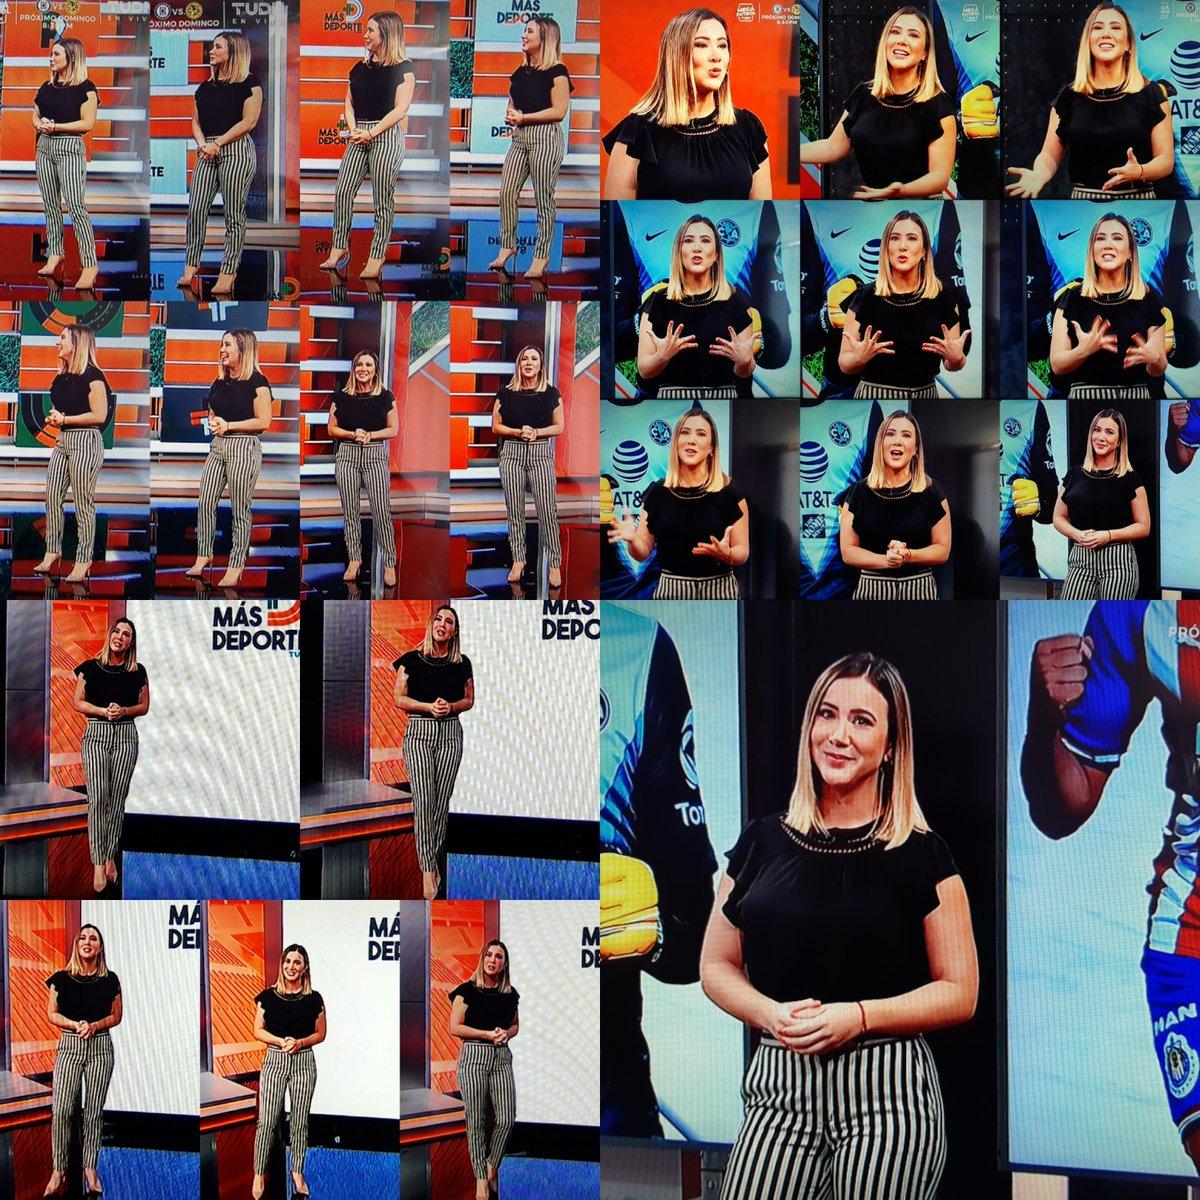 @Mariazelzel @MasDeporteTUDN Muchas gracias!! Igualmente para ti, aquí te dejo tu collage cómo todos los domingos, y ya listo para verte mañana en @MeCaigoDeRisa querida Zel!! 💕😉😘😘😘 https://t.co/le9jVxobSe